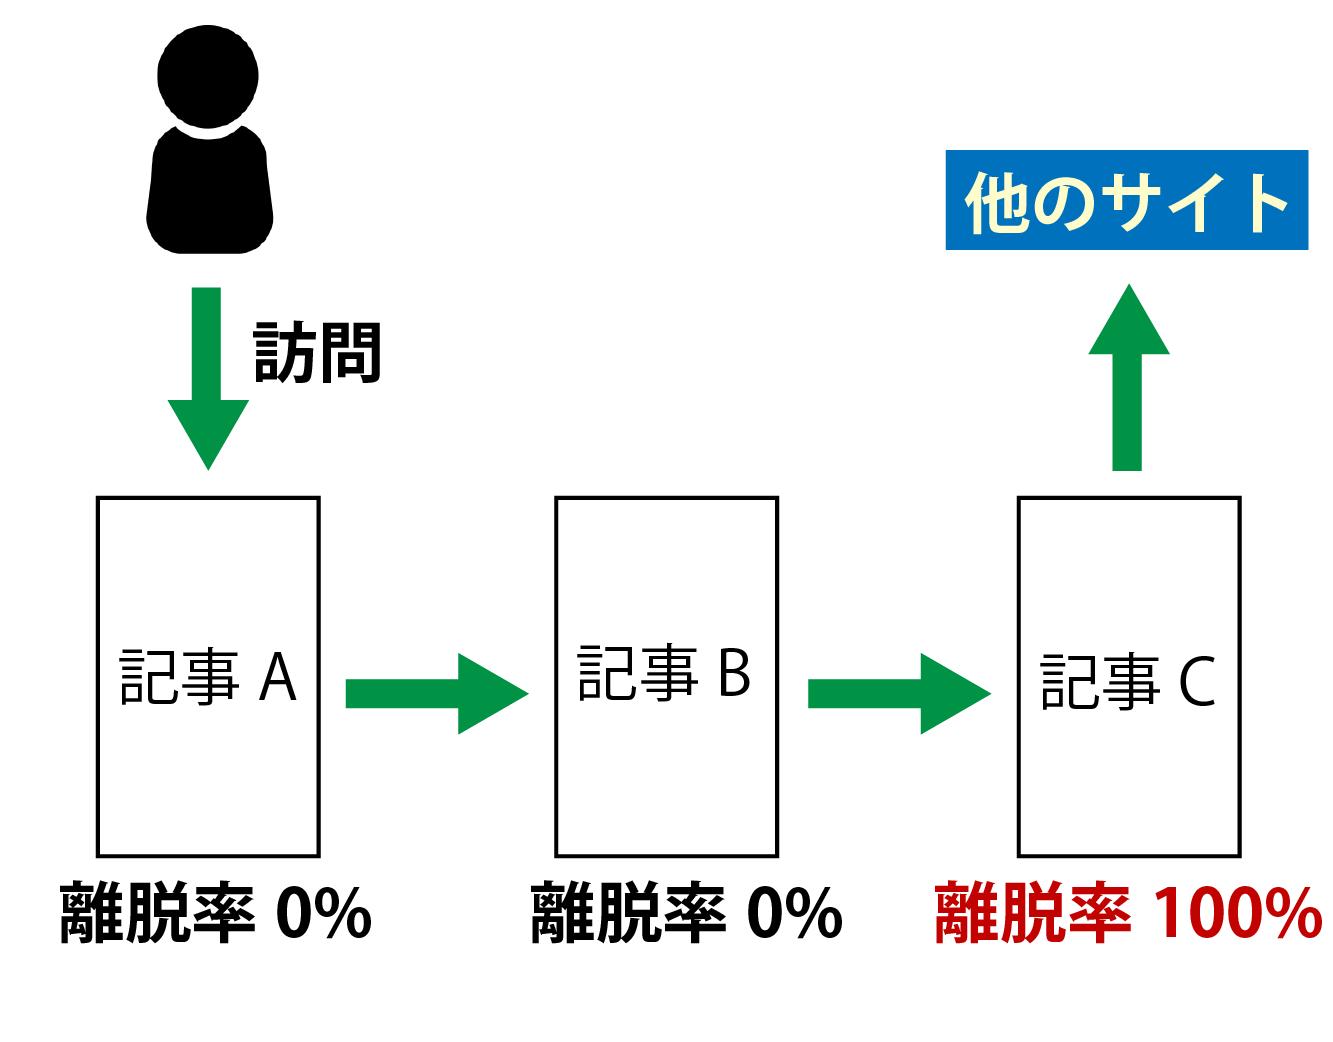 離脱率の解説画像